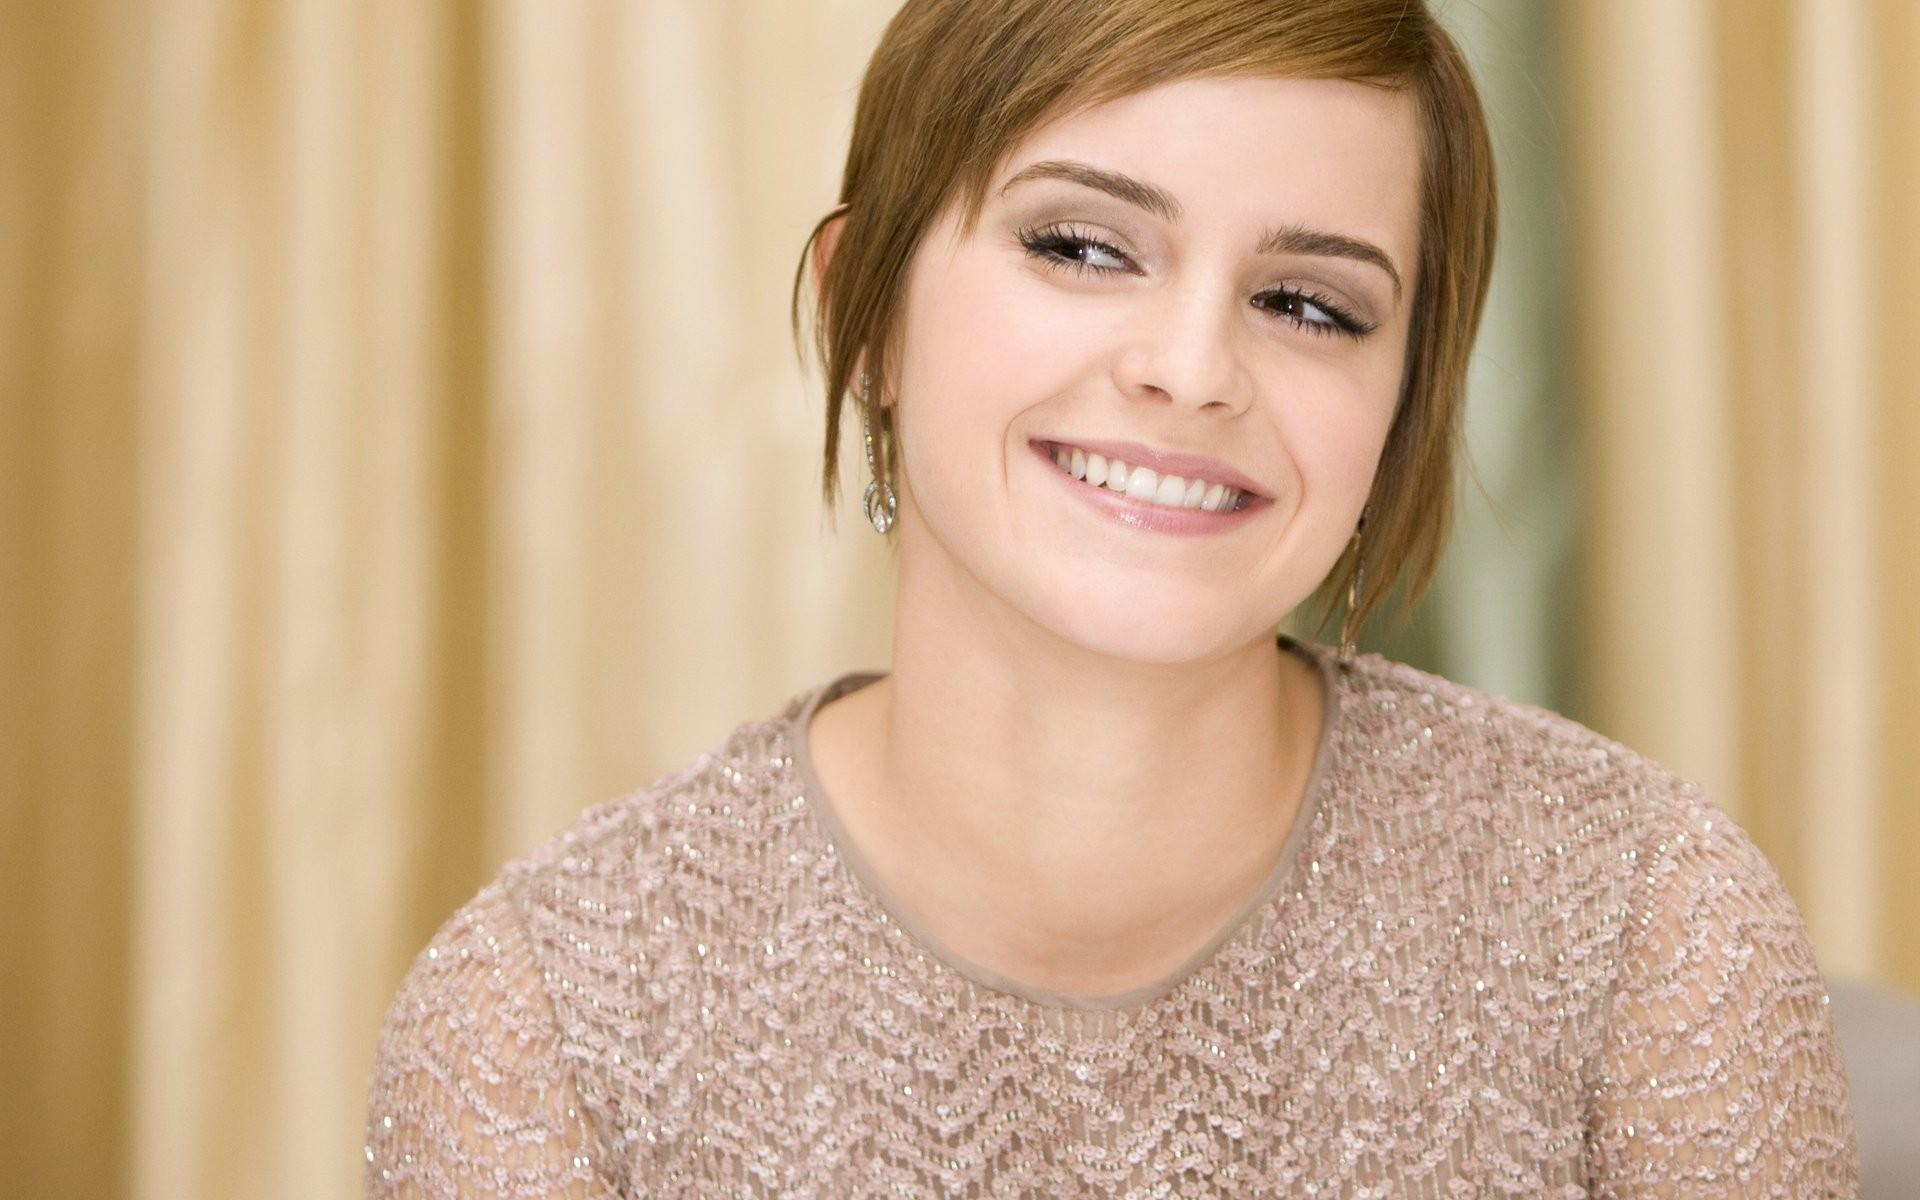 Sonrisa de Emma Watson - 1920x1200